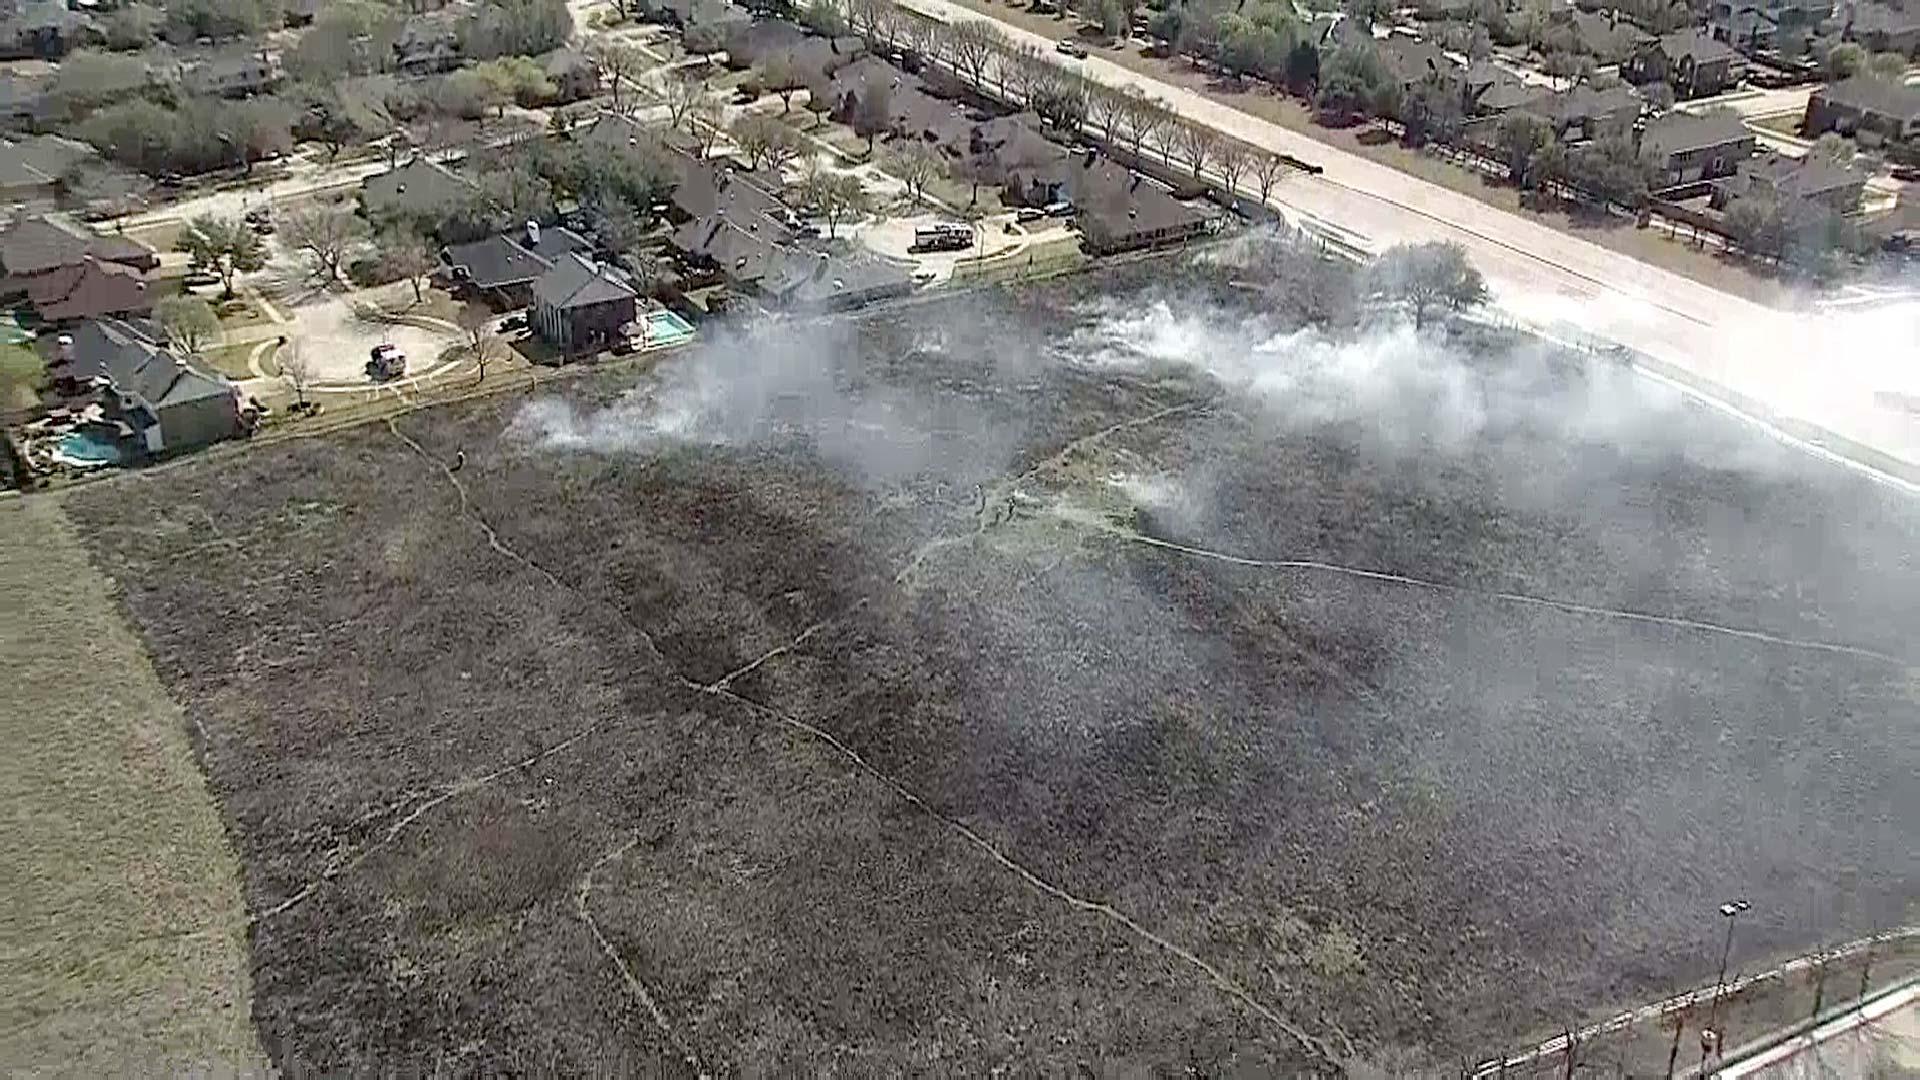 Flower Mound Orders Controlled Burn of Namesake Flower Mound Dallas news